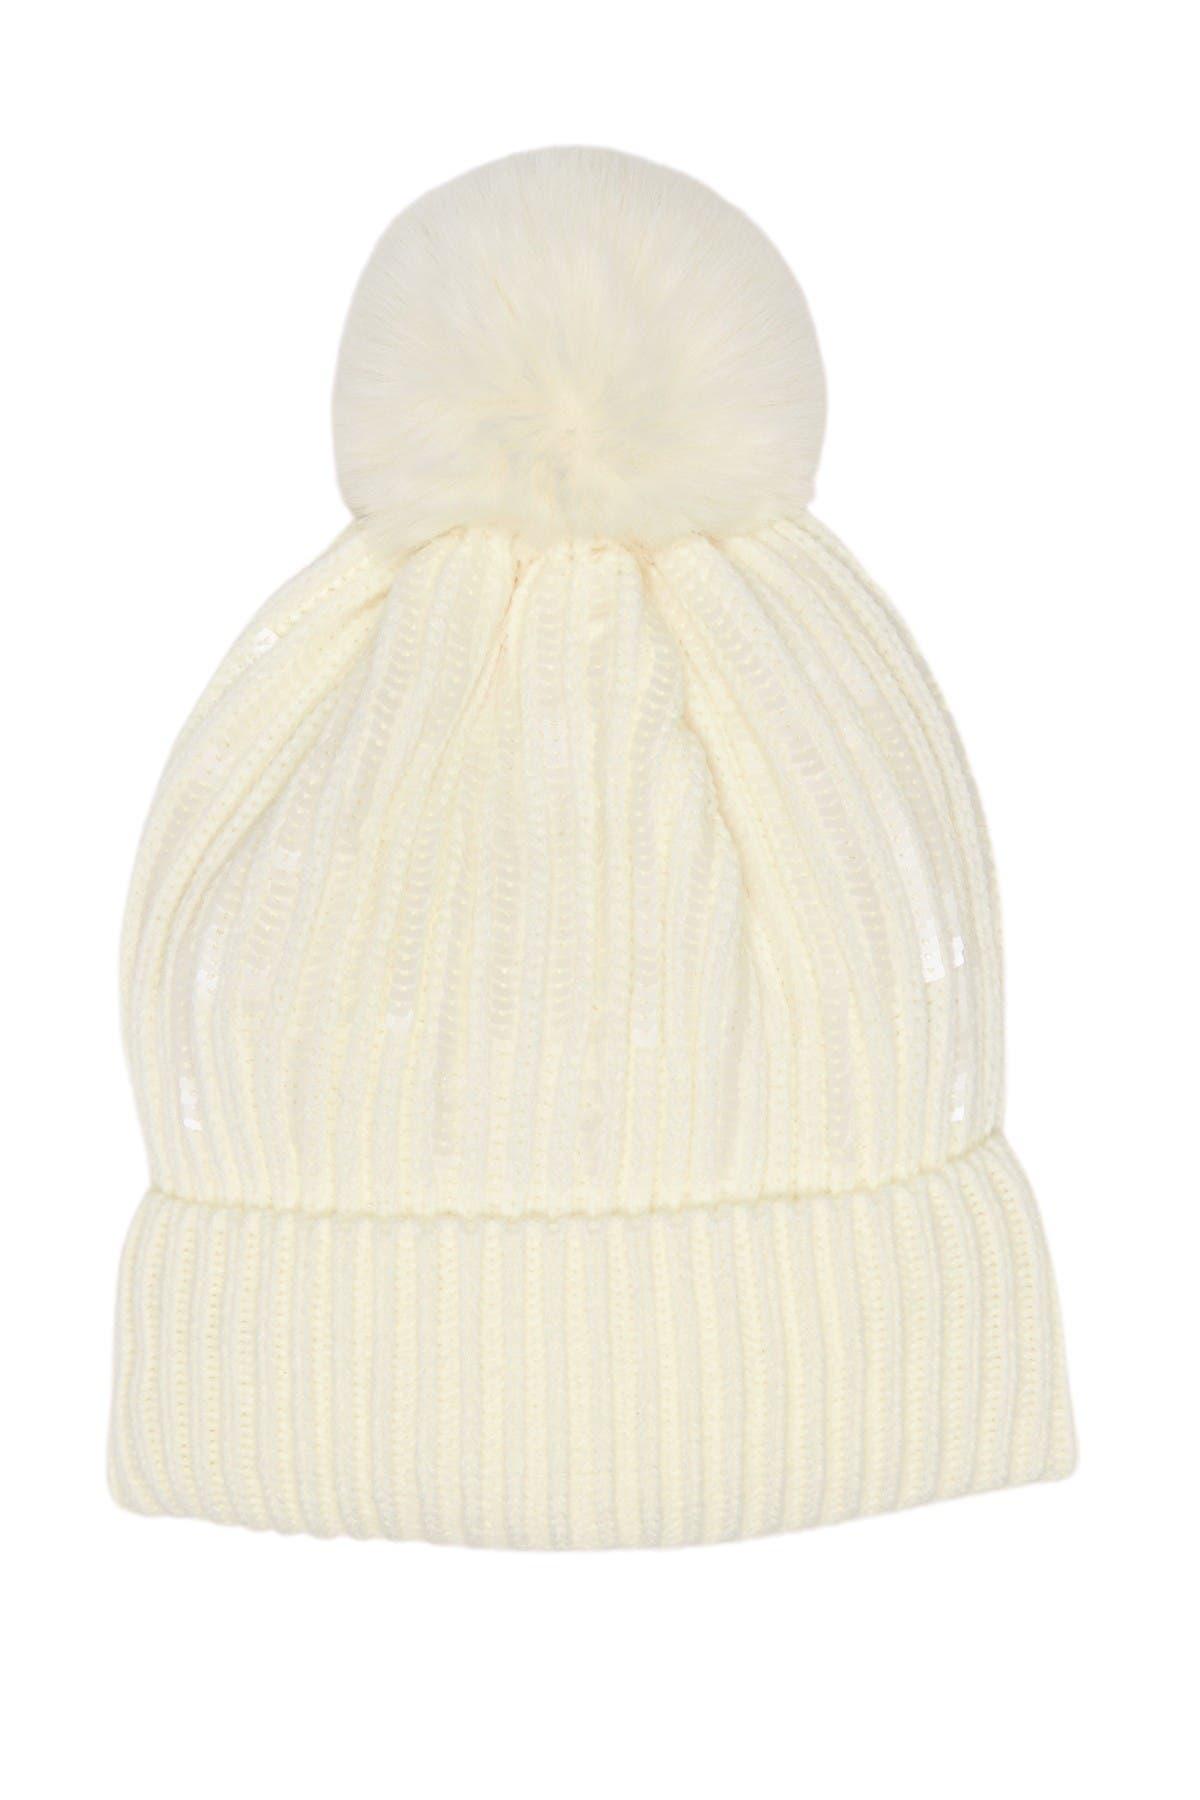 Image of BCBG Faux Fur Pompom Sequin Shine Beanie